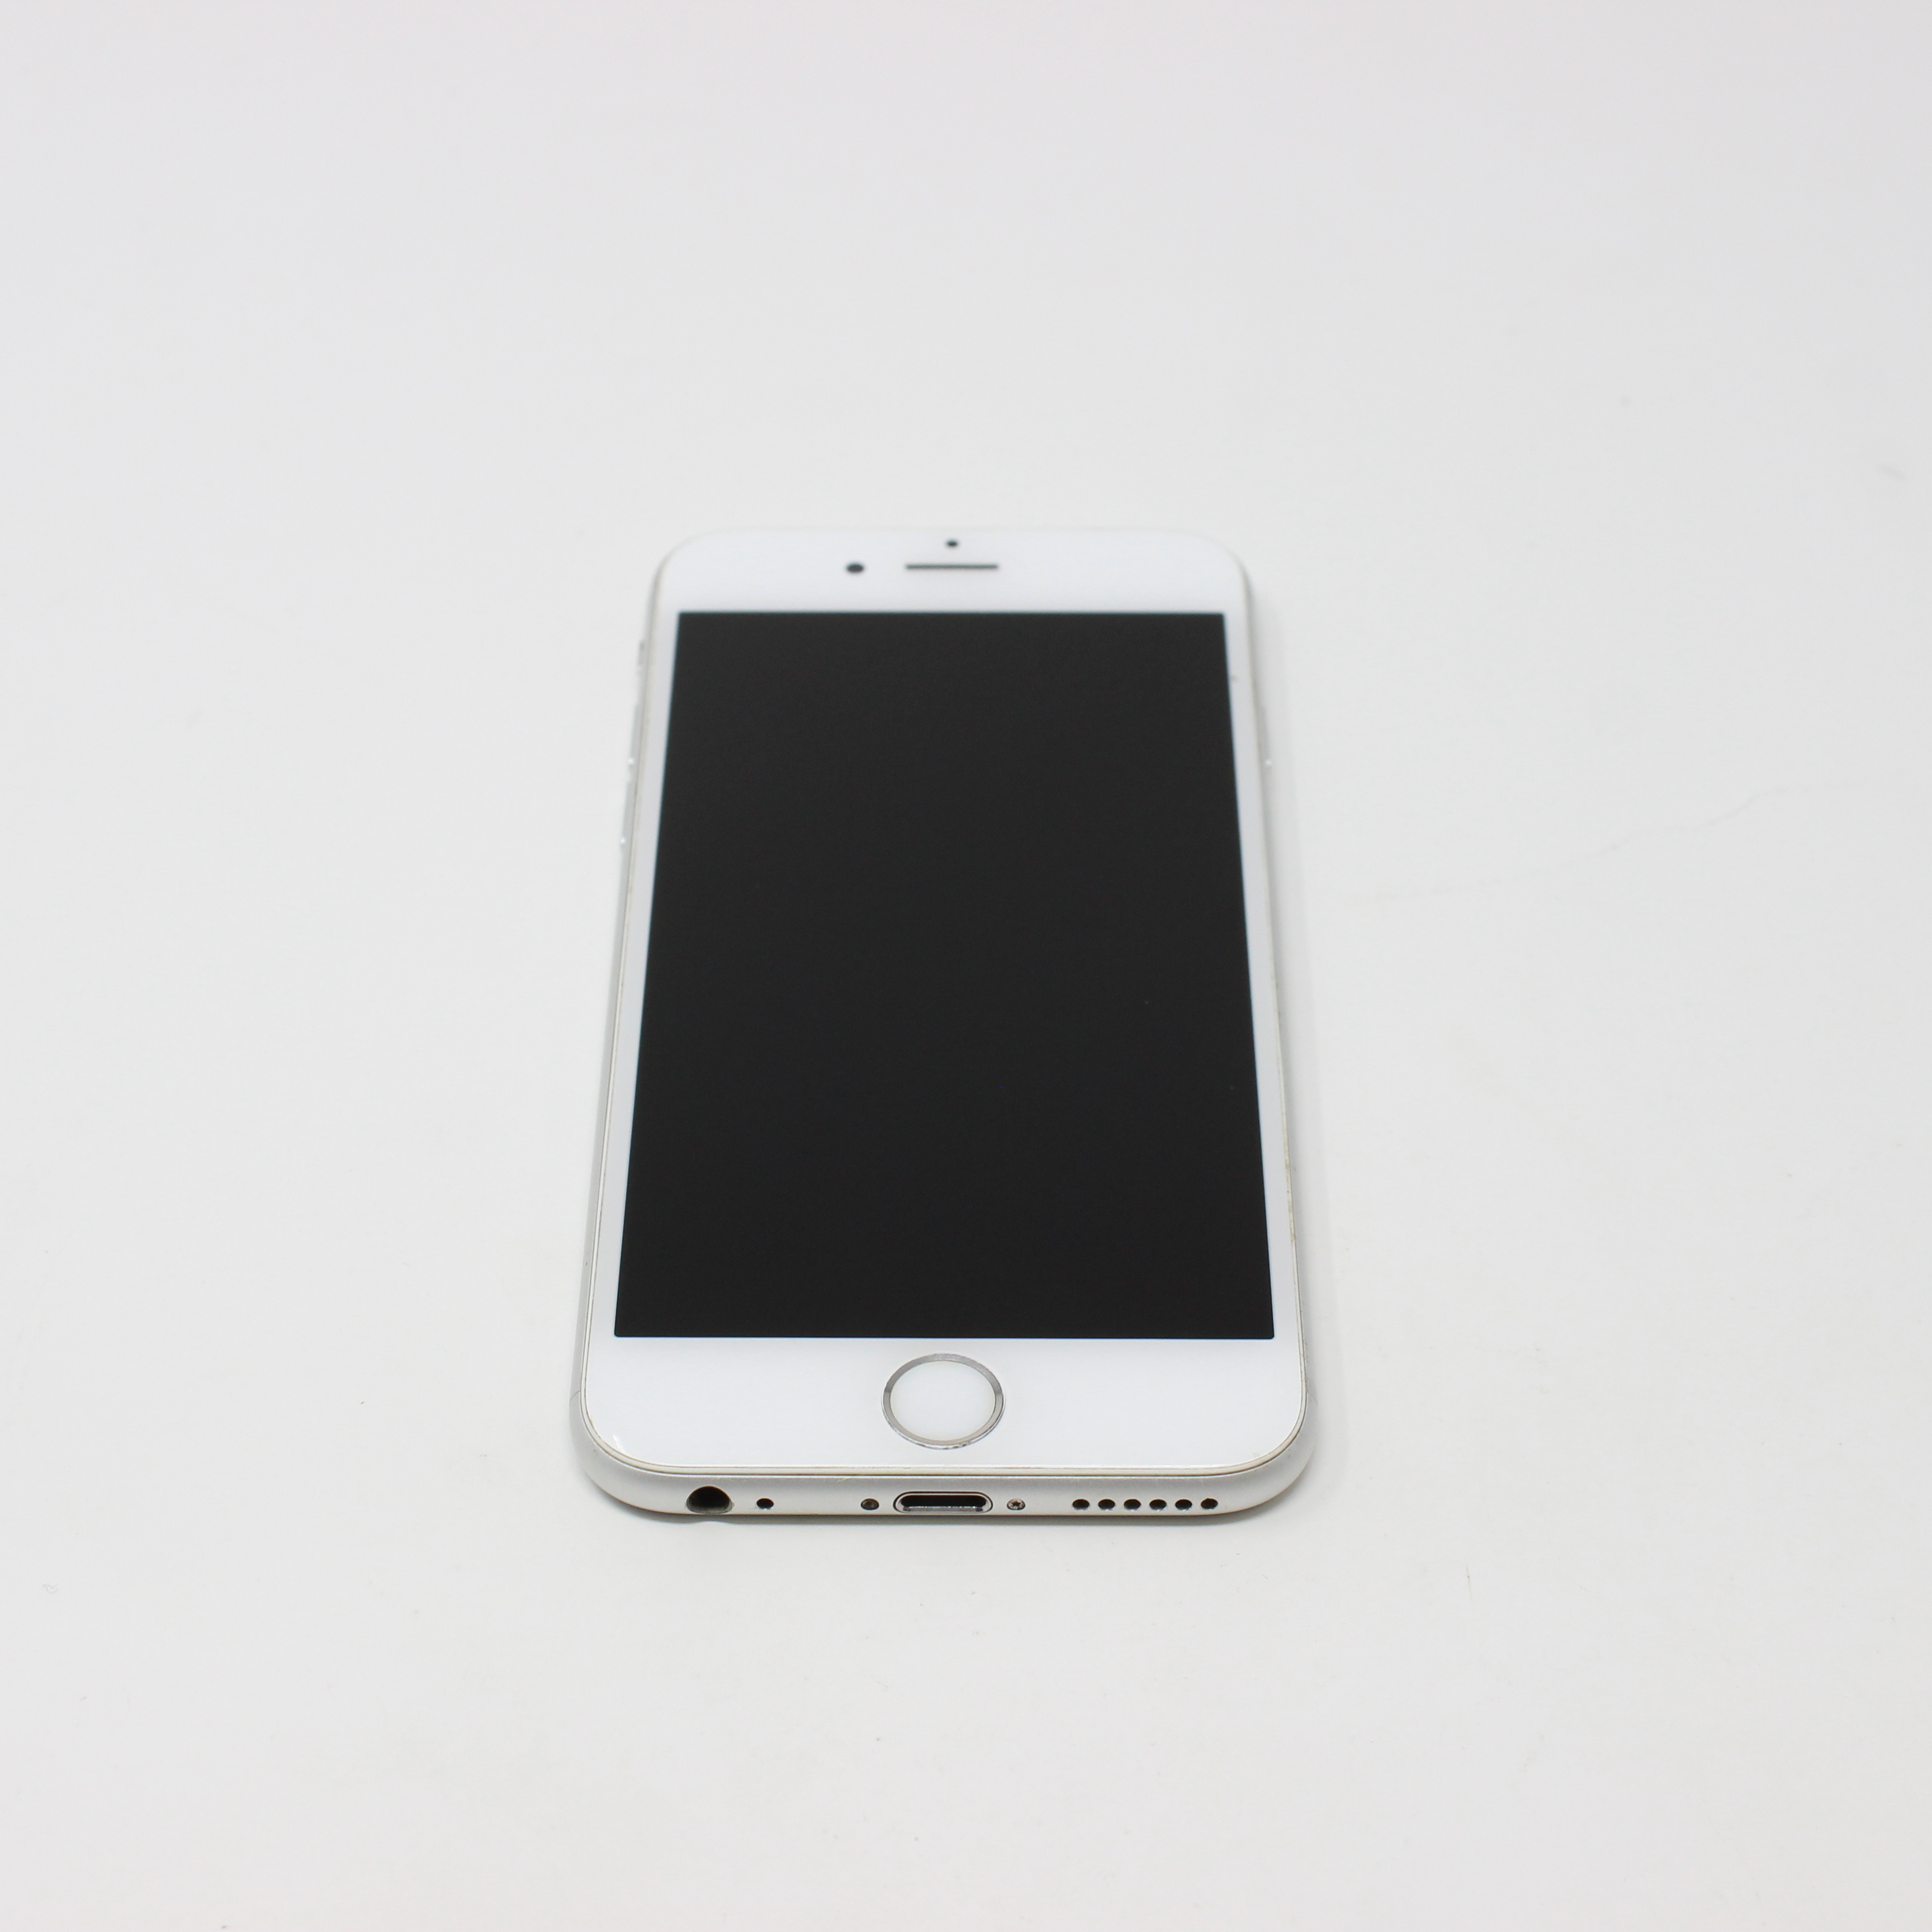 iPhone 6S 64GB Silver - AT&T photo 2   UpTradeit.com